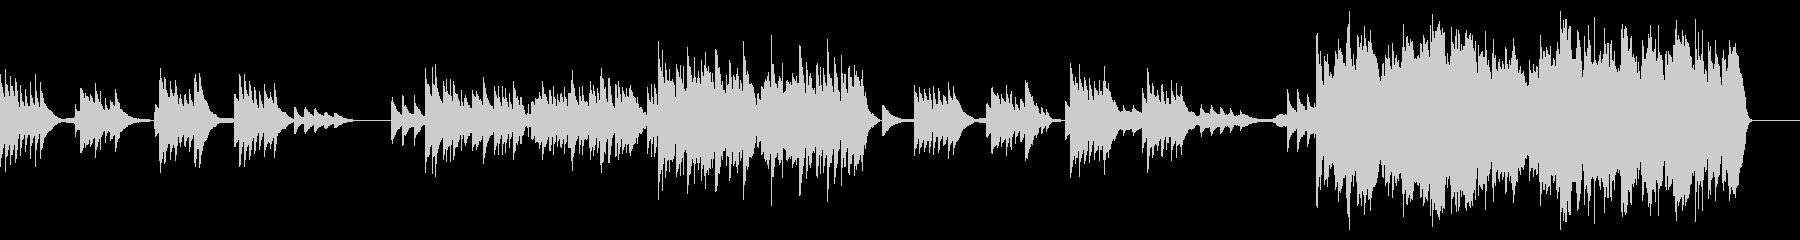 花の季節/悲しき天使(ピアノと弦)の未再生の波形